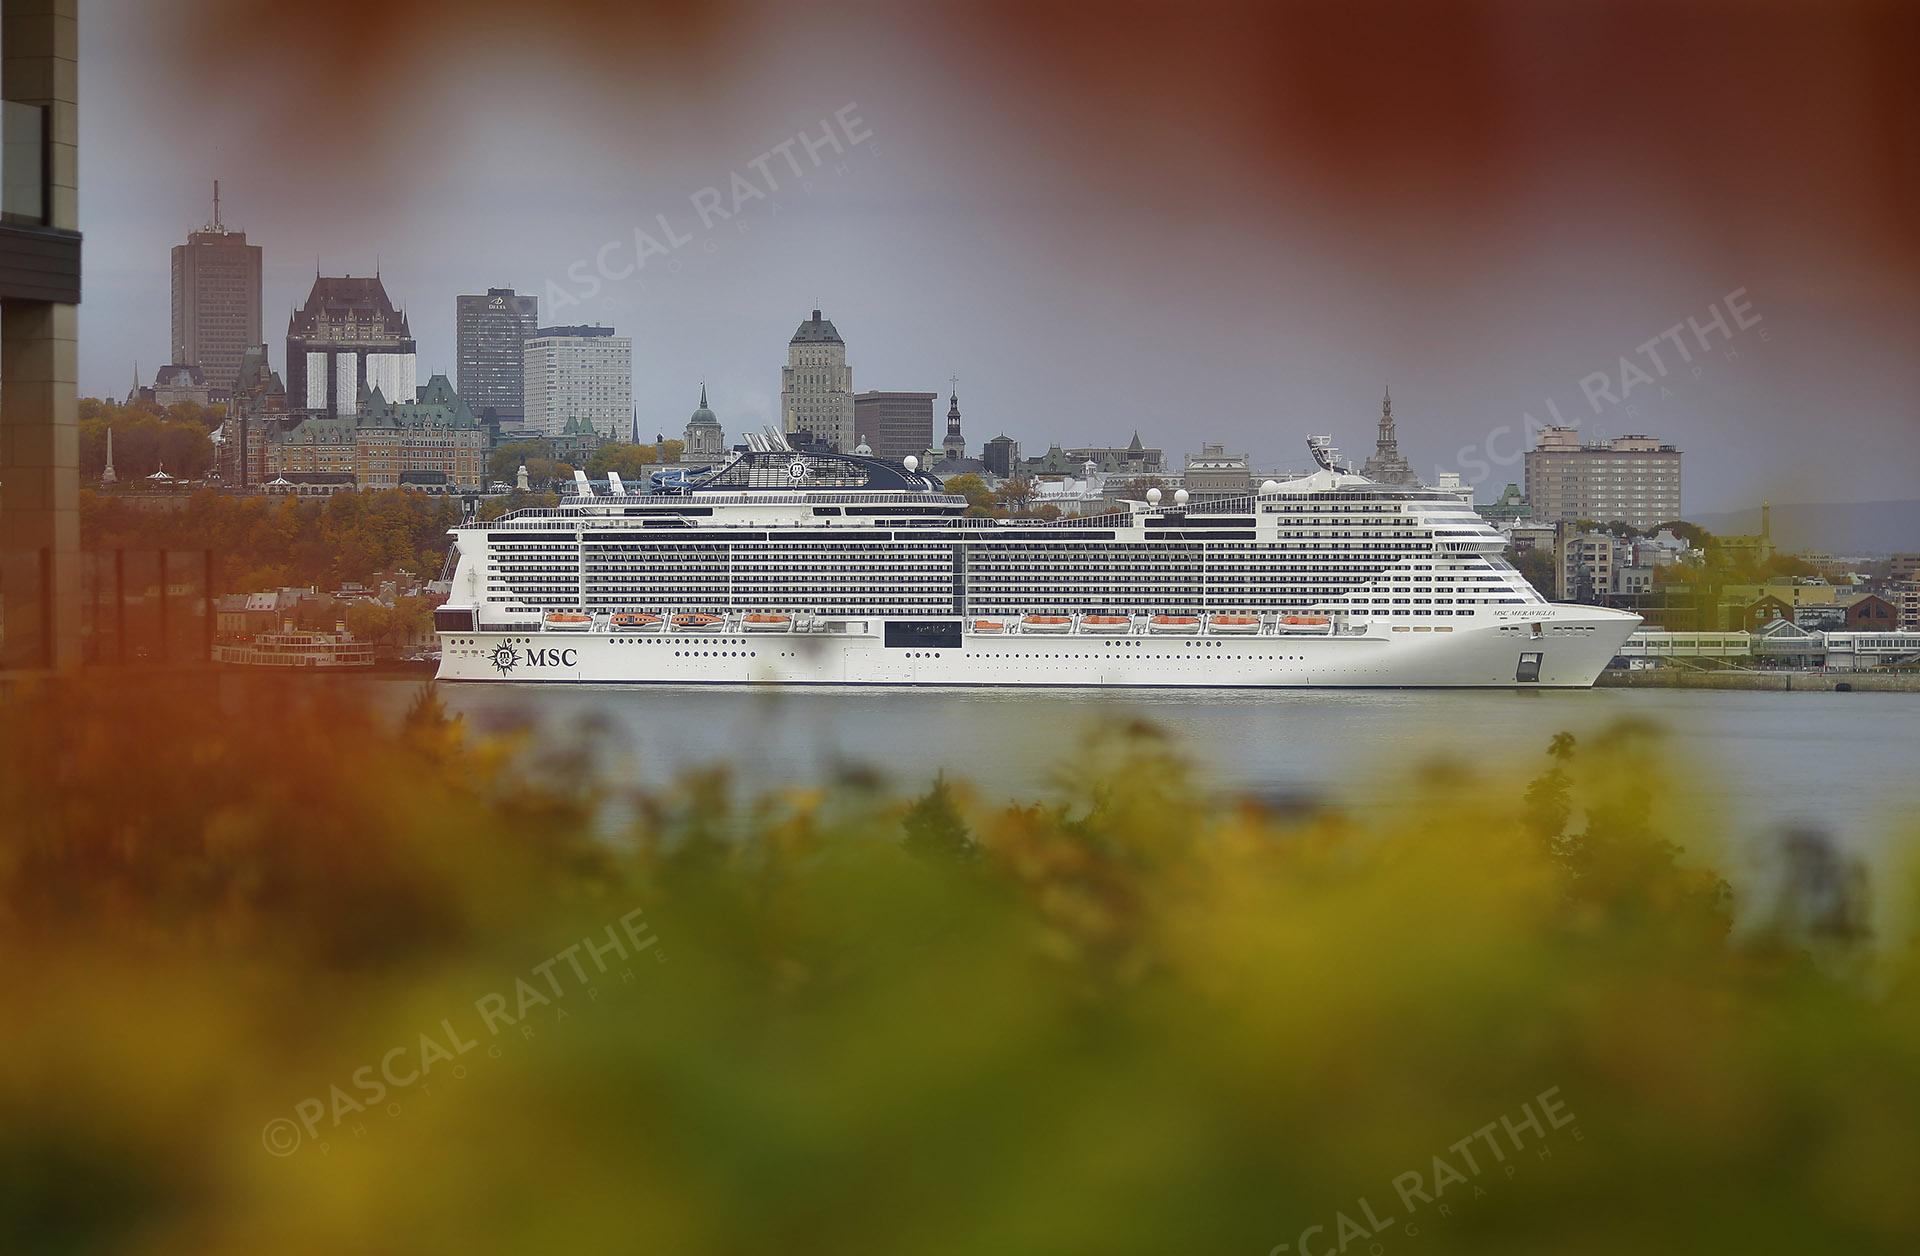 bateau de croisière MSC sur les rives du fleuve St-Laurent à Québec